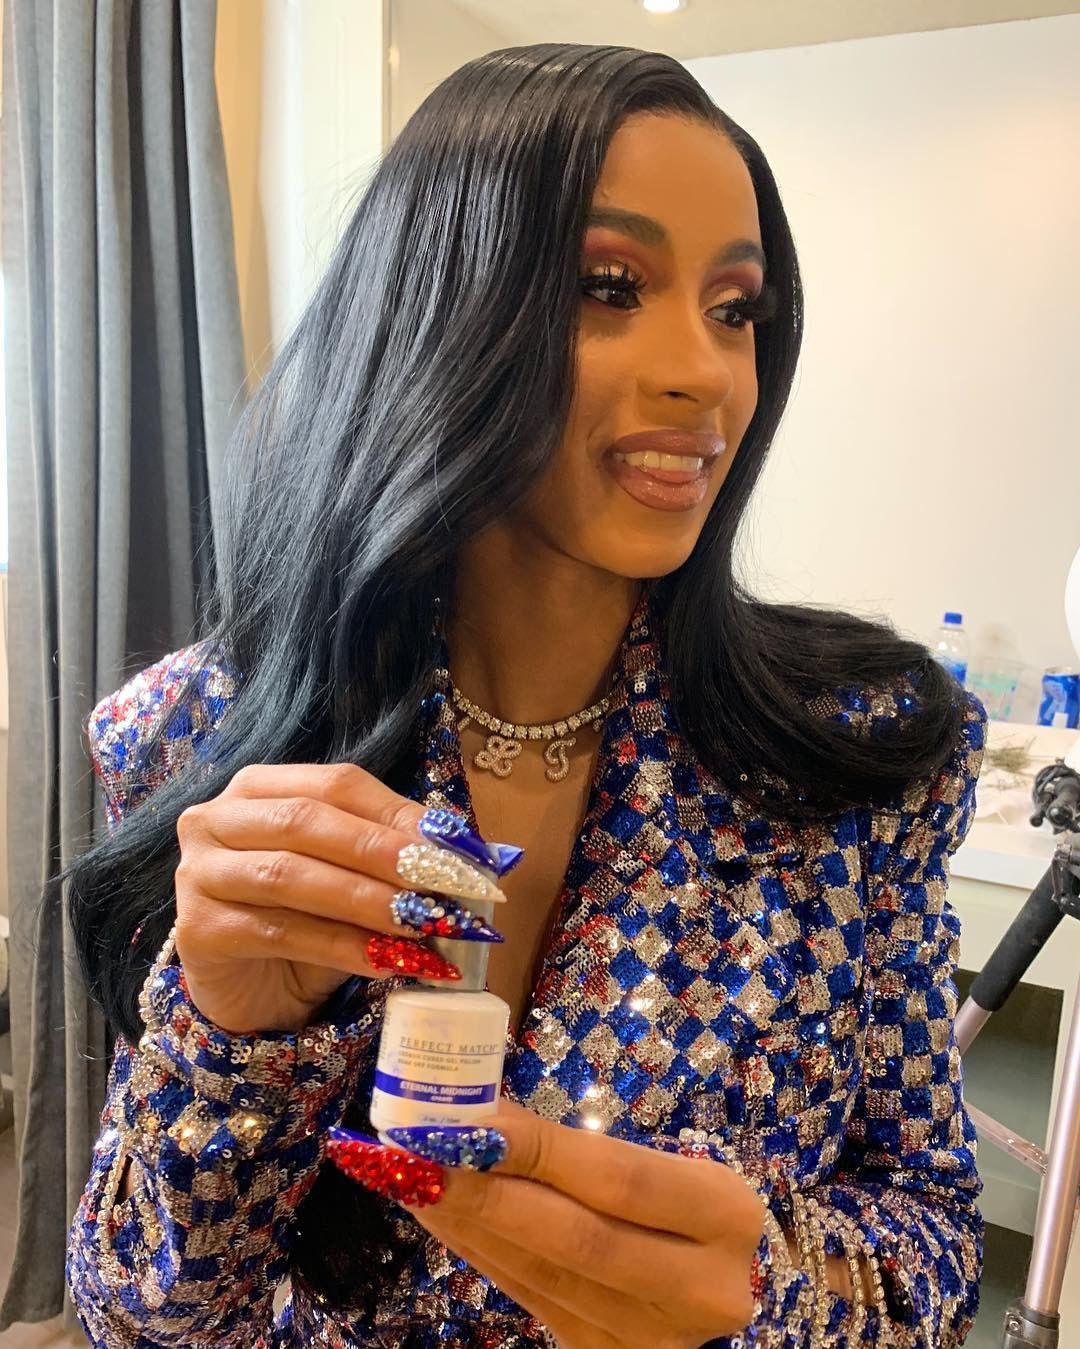 Cardi BTS of Pepsi commercial 😻 | Cardi B❤ in 2019 | Cardi